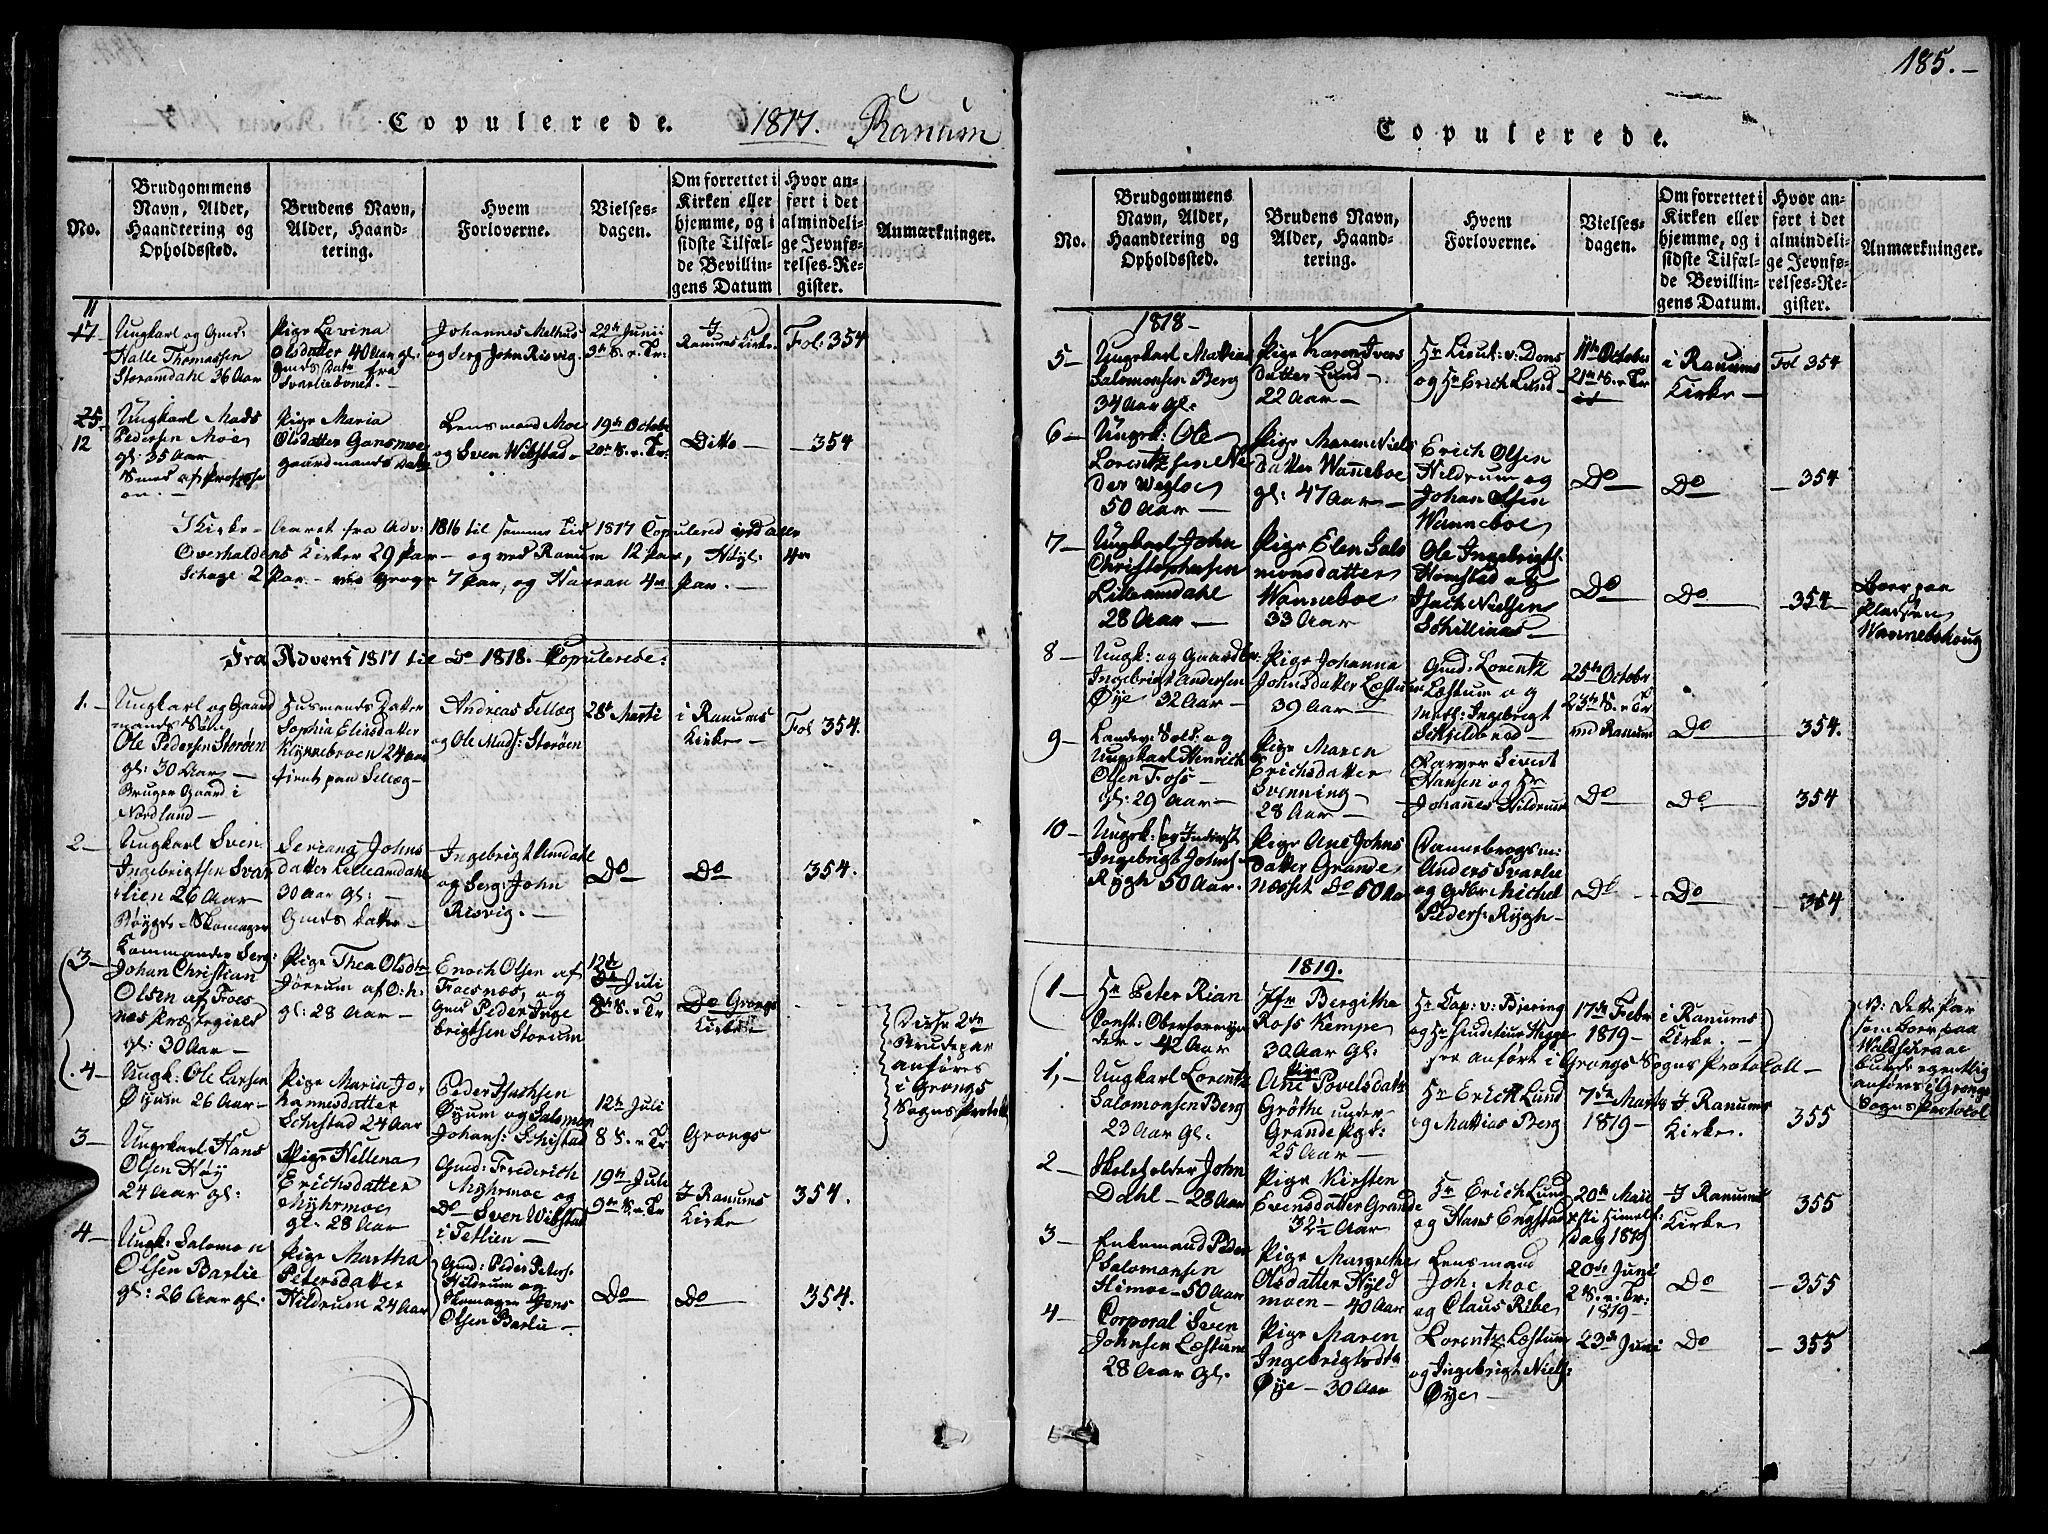 SAT, Ministerialprotokoller, klokkerbøker og fødselsregistre - Nord-Trøndelag, 764/L0559: Klokkerbok nr. 764C01, 1816-1824, s. 185